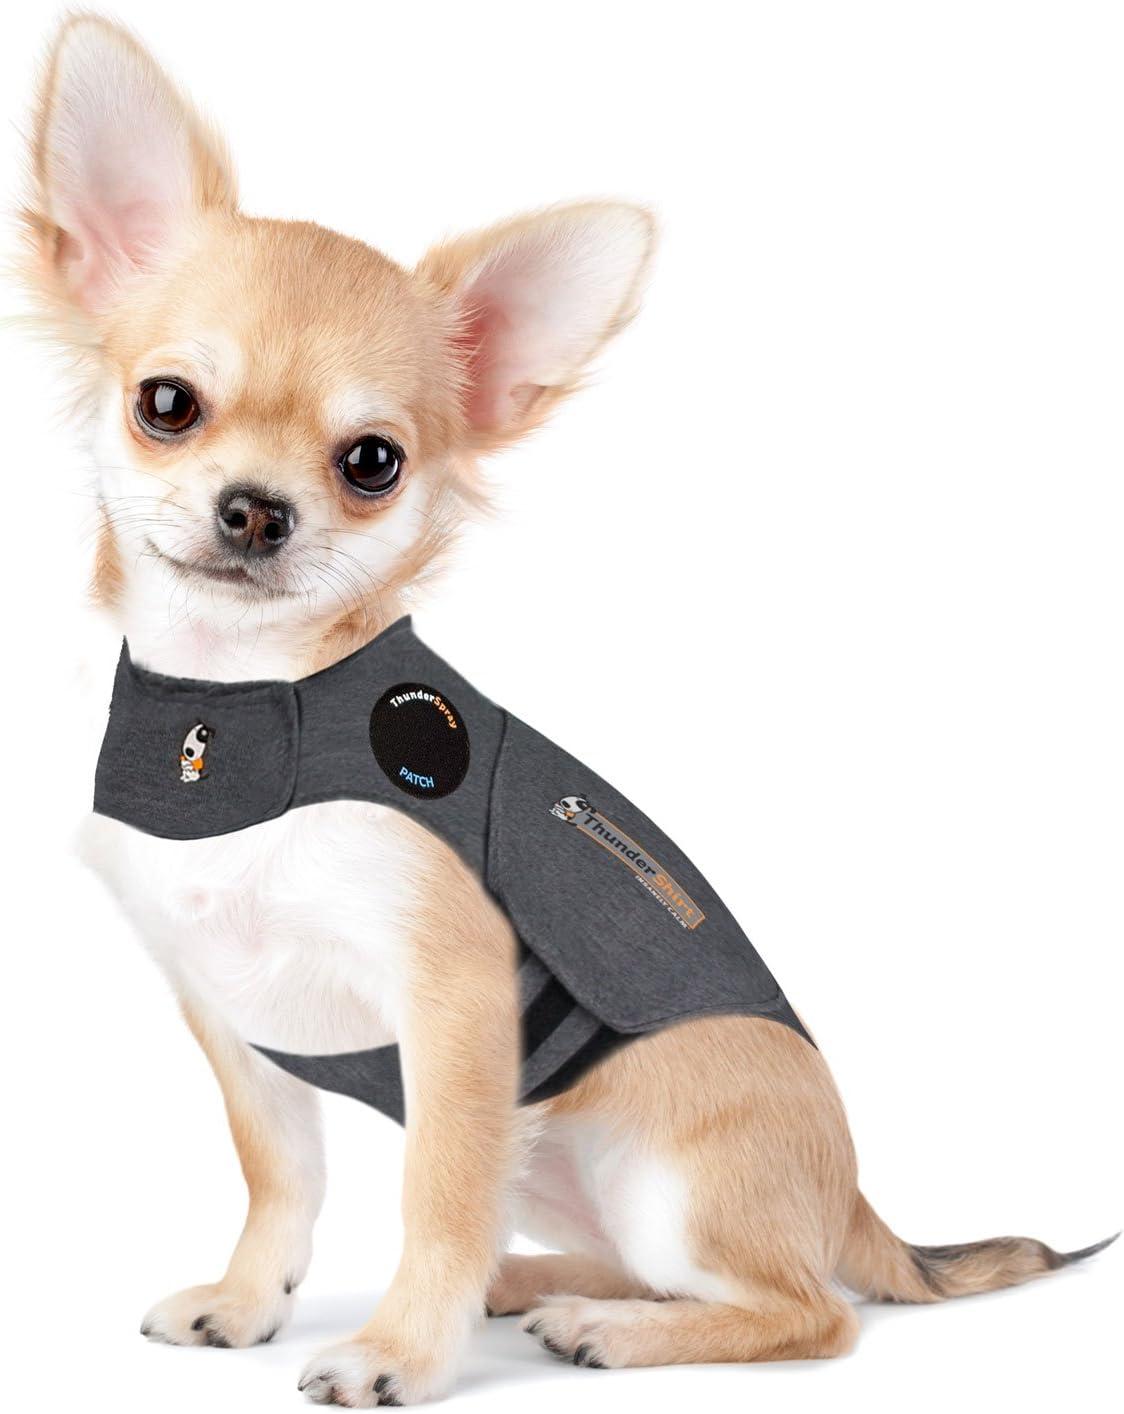 23. Thundershirt Classic Dog Anxiety Jacket